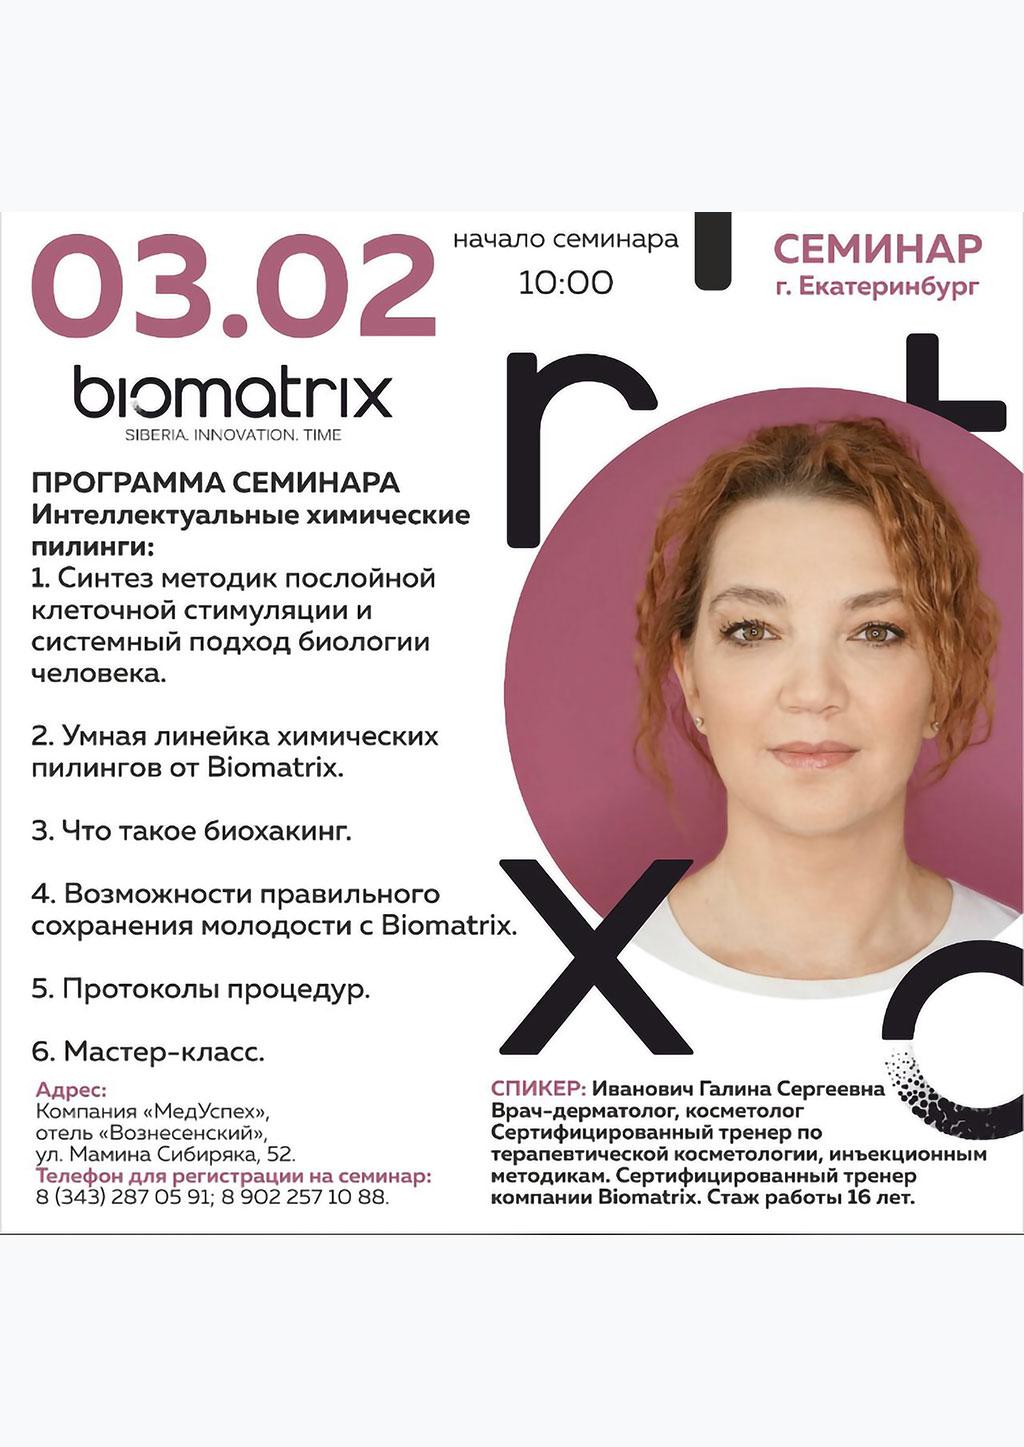 """3 февраля в Екатеринбурге состоится семинар """"BIOMATRIX. Siberia. Innovation. Time"""""""